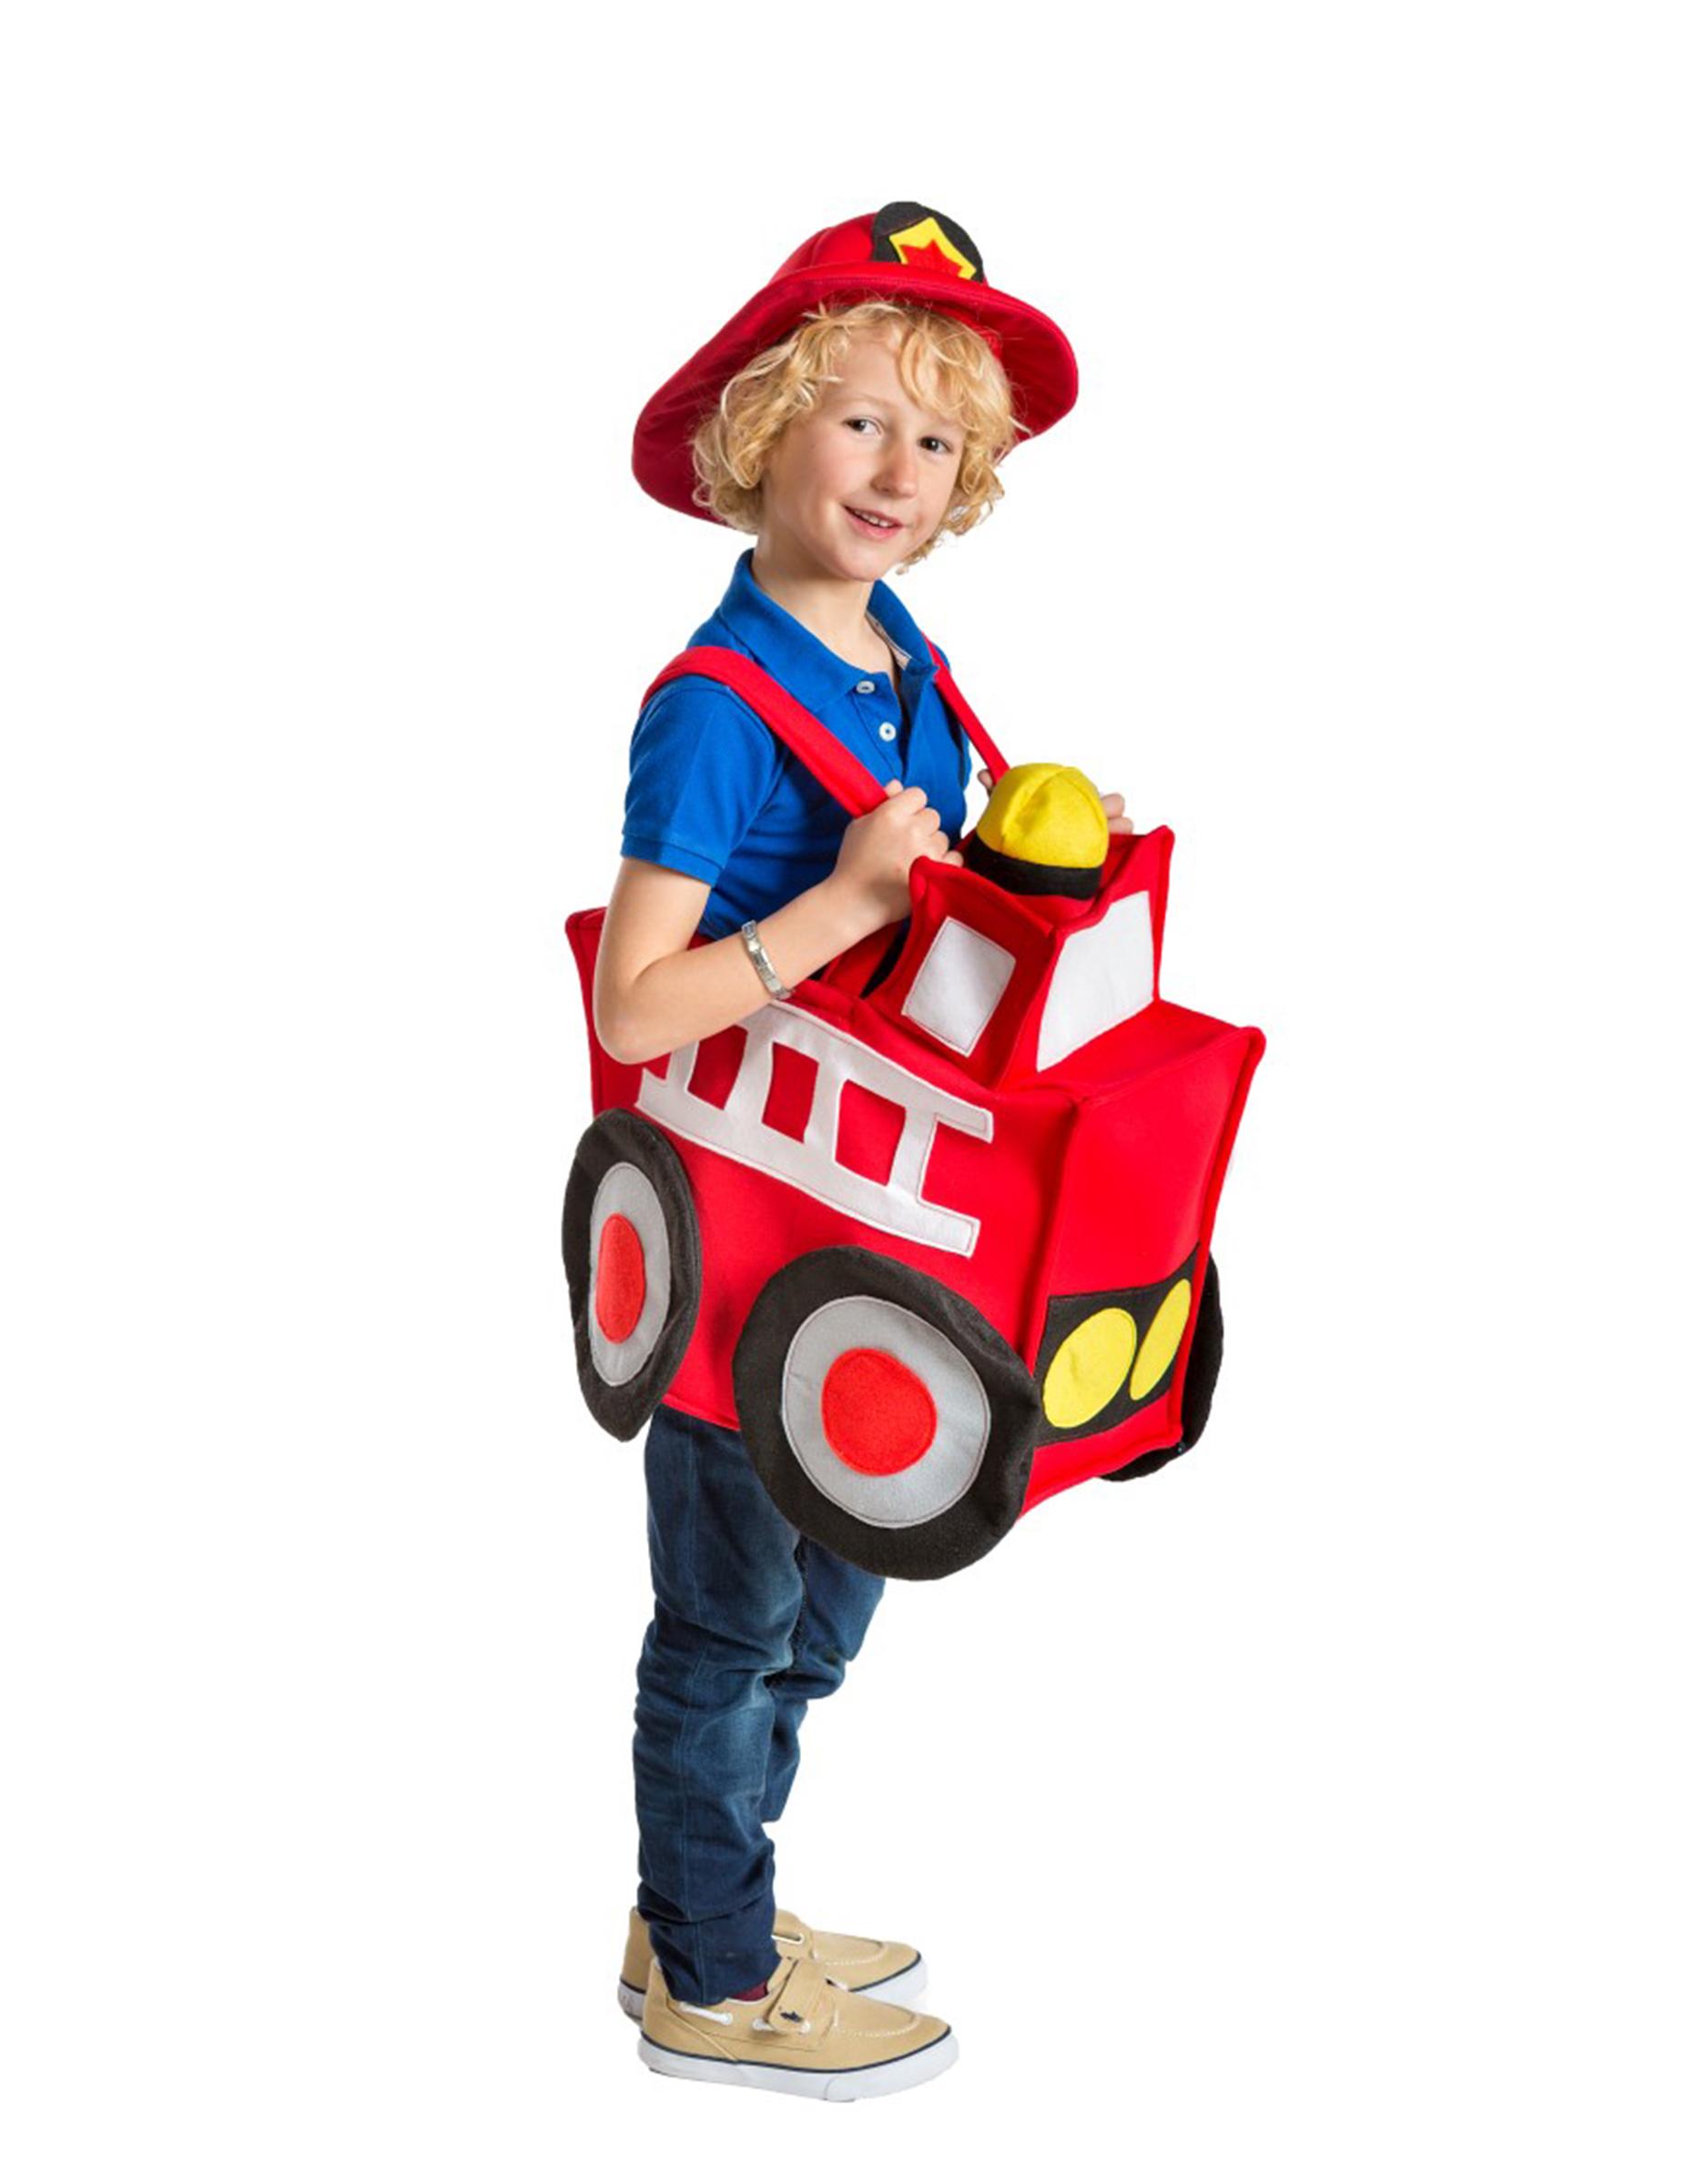 Feuerwehr Auto Kostüm für Kinder bunt , günstige Faschings Kostüme ...